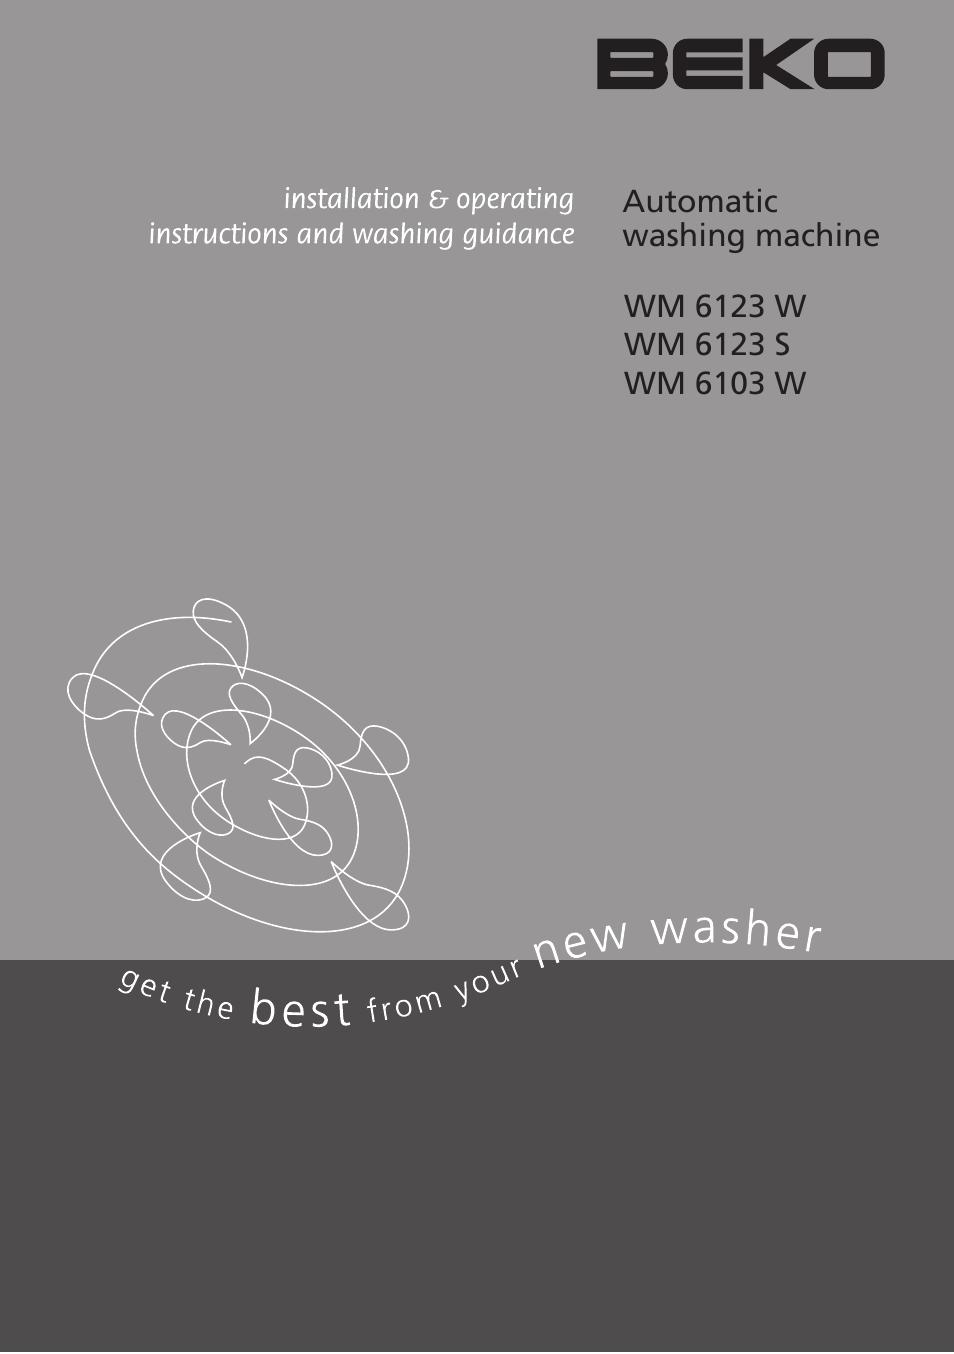 beko wm 6123 s user manual